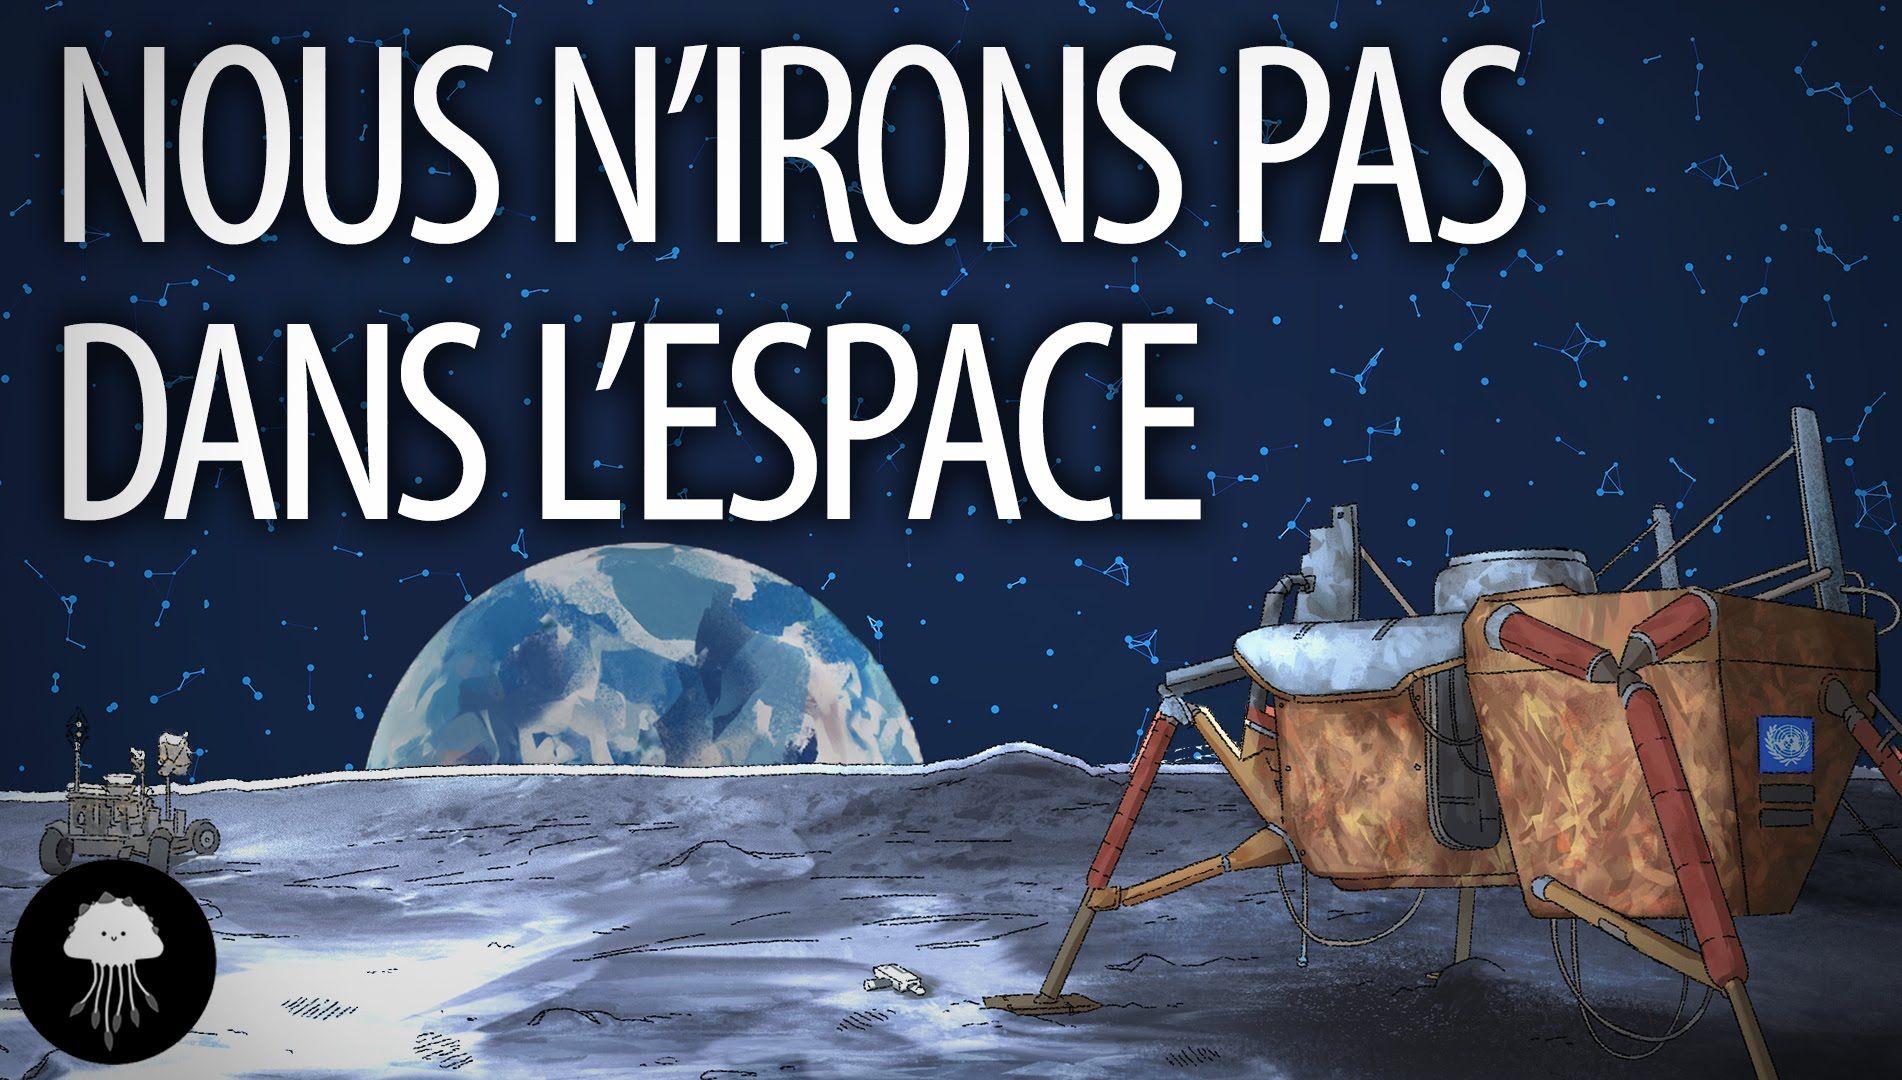 Nous n'irons pas dans l'espace - LetsPlayScience #3 (Part 3)